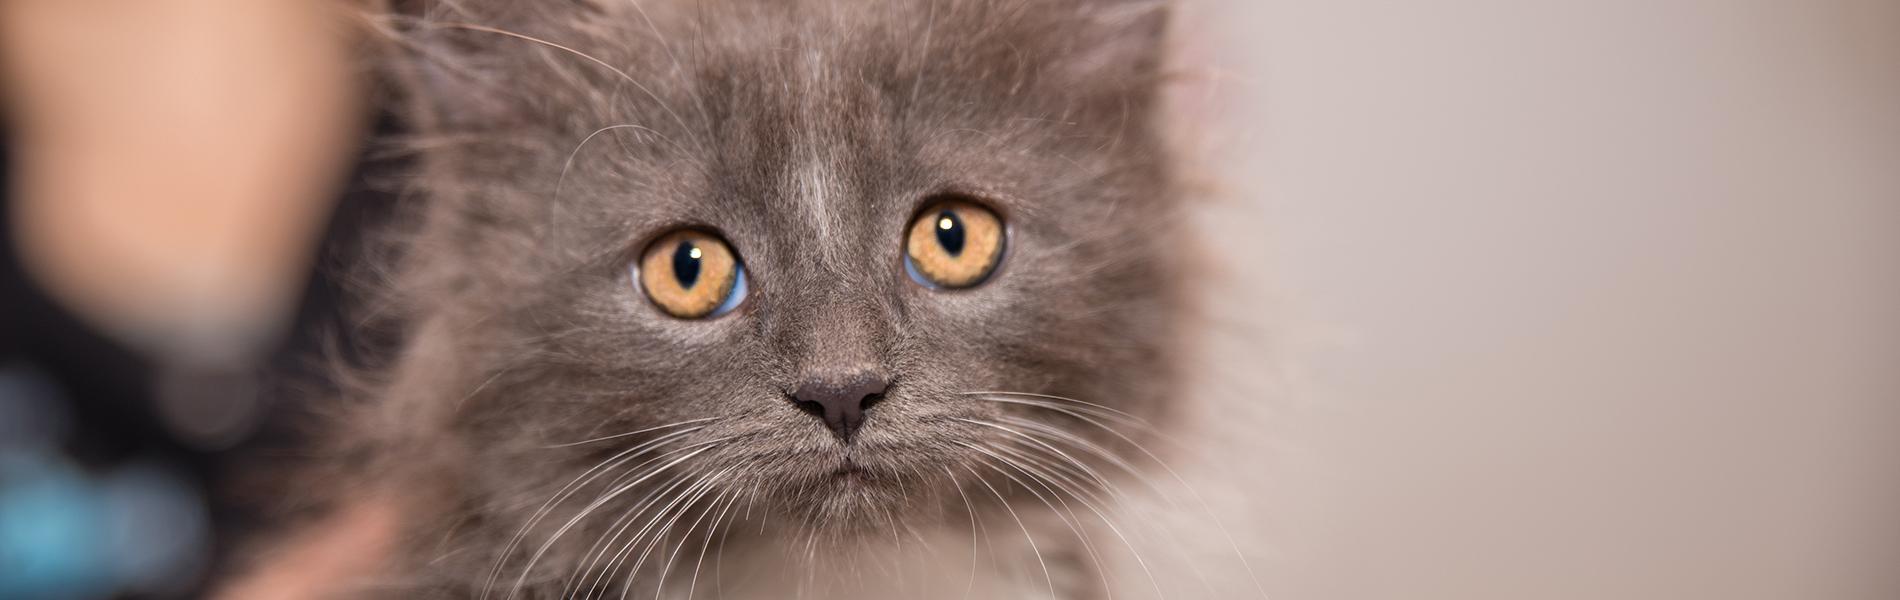 Informatie voor kitten-eigenaren